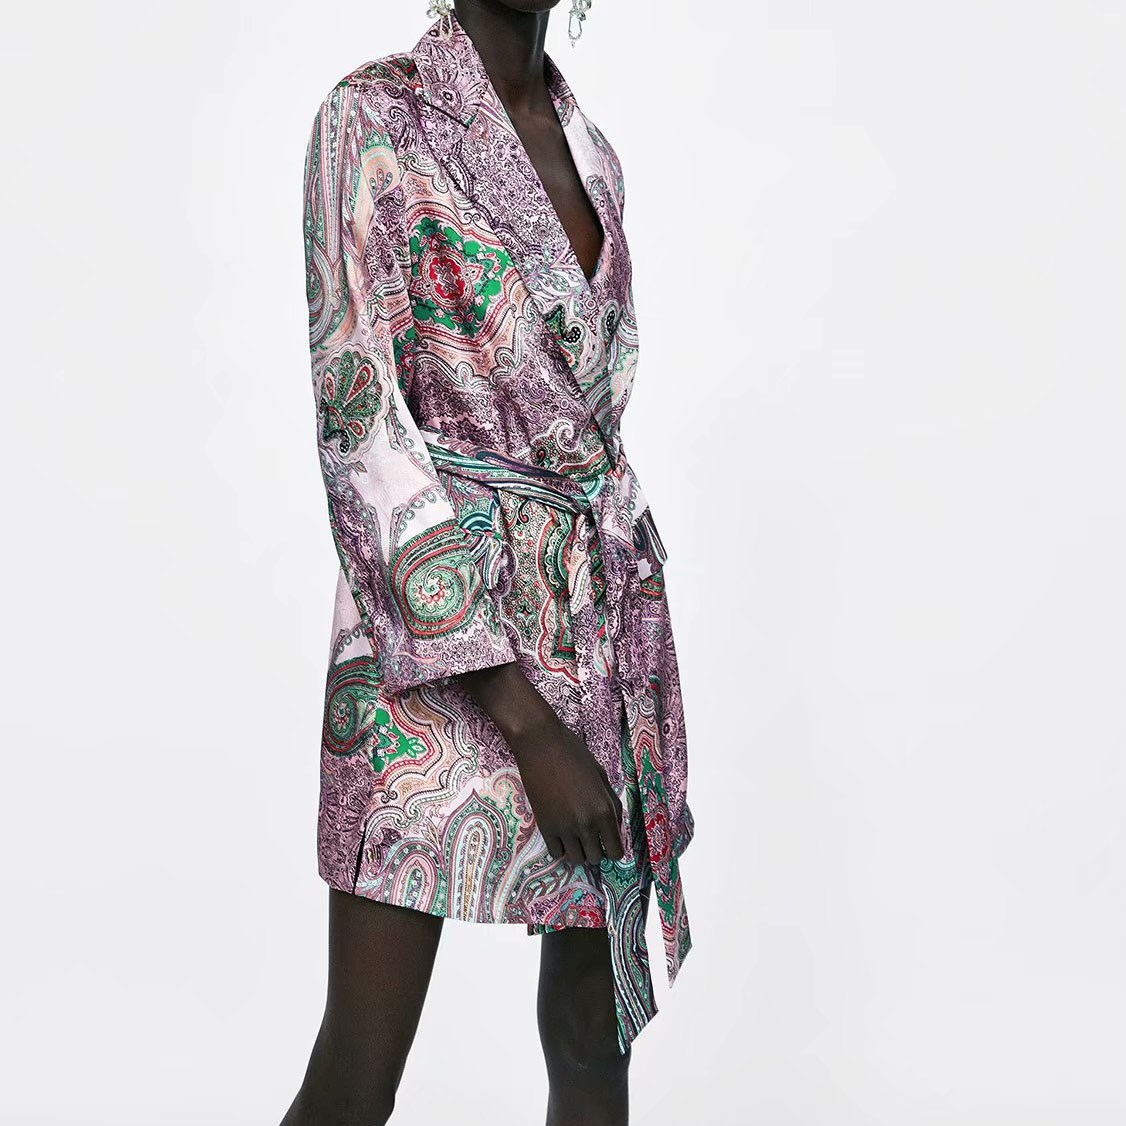 Autumn Casual Women Suits Vintage Pants Suit Purple Paisley Printed Blazer Long Pants Suits 2 Pieces Sets